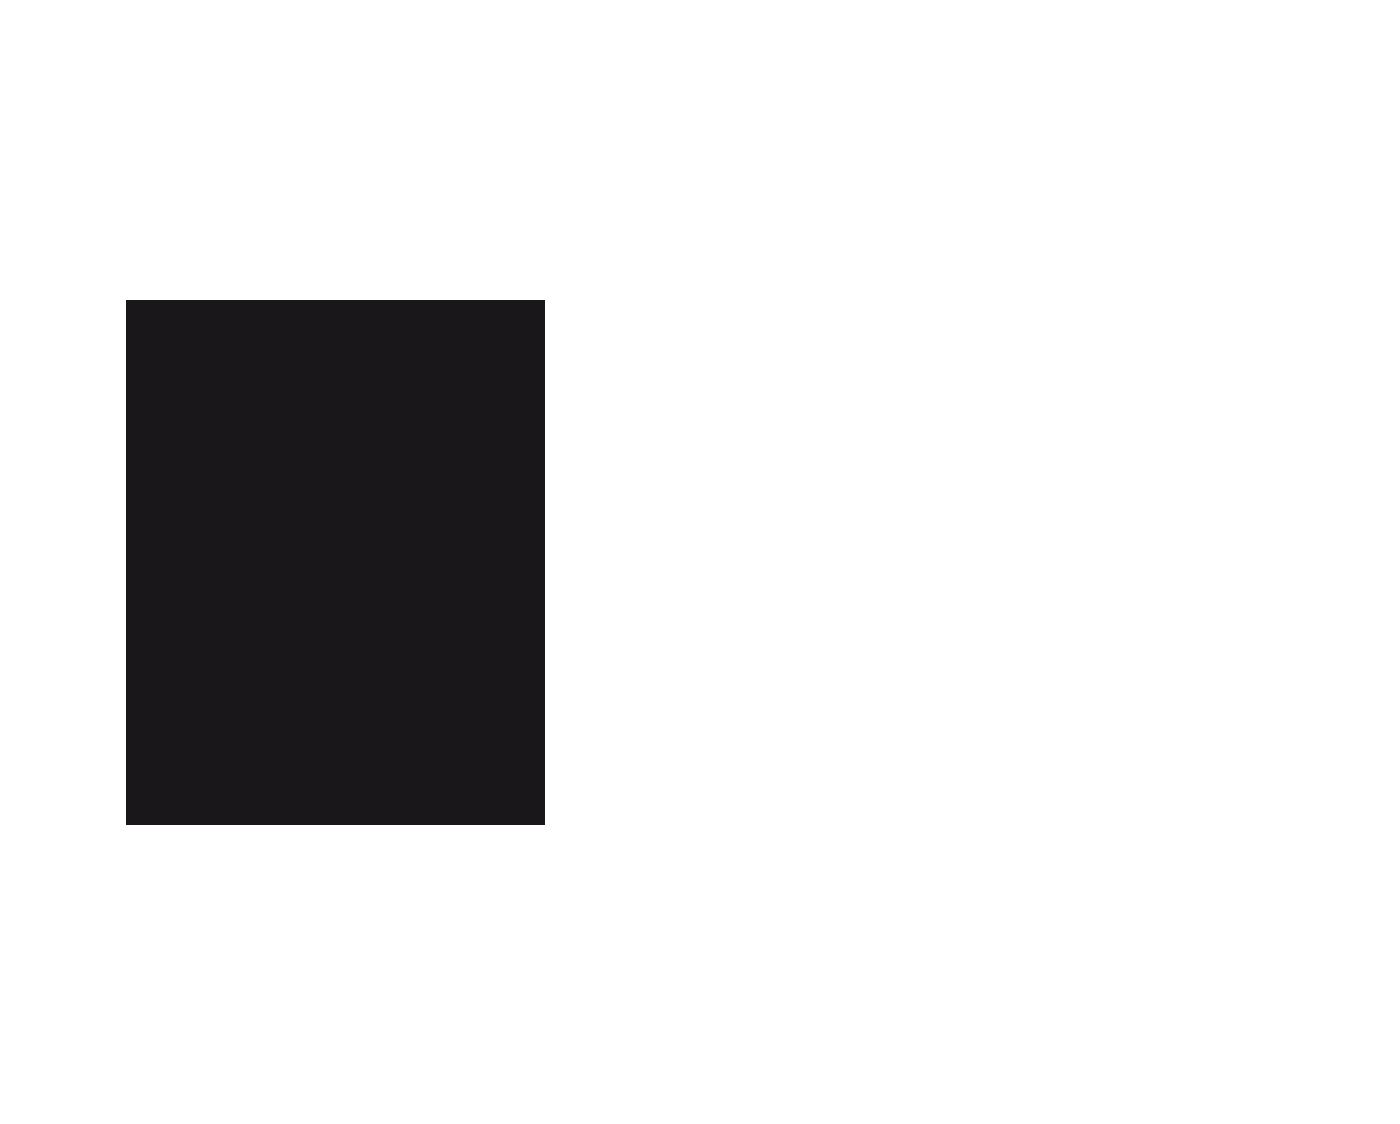 Daniel-Wnukowski-logotype-1